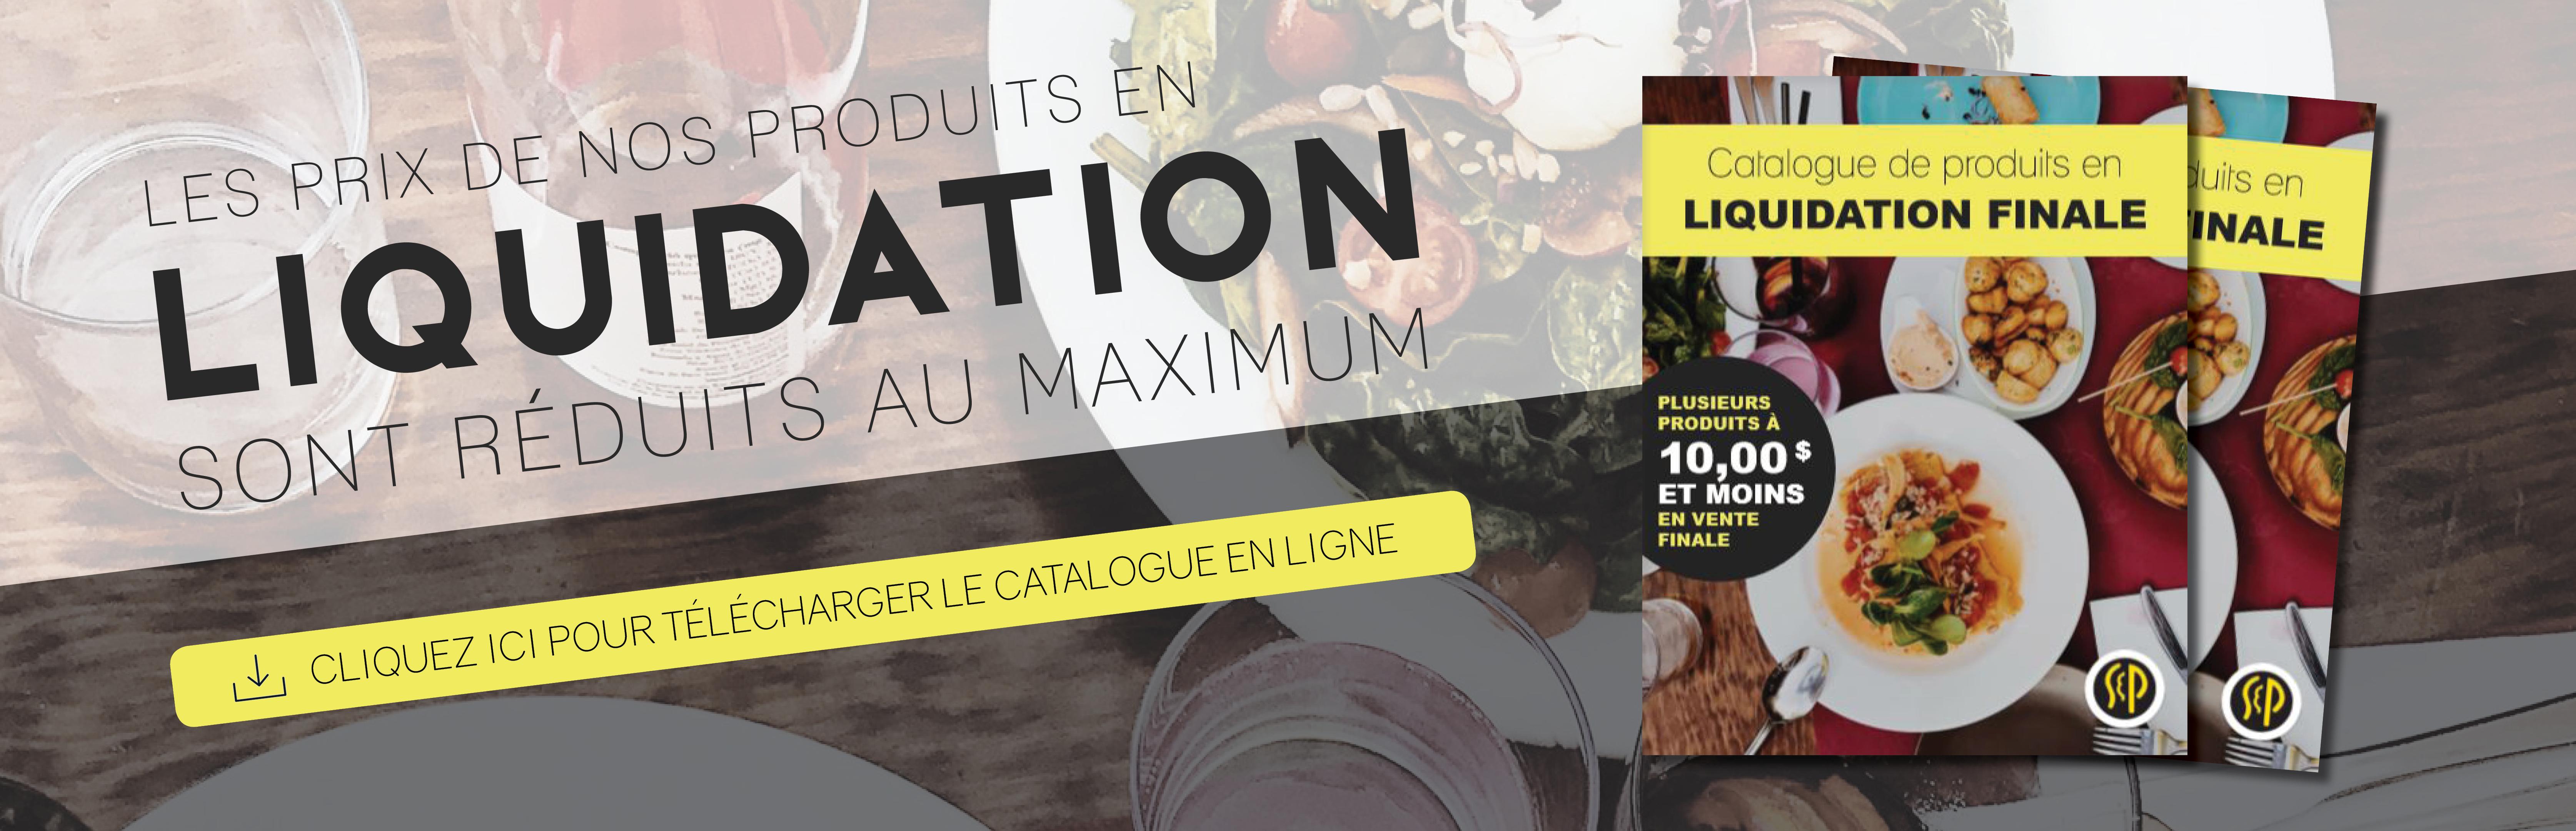 Accueil - Le Magasin des Commerçants S&P Ltée on